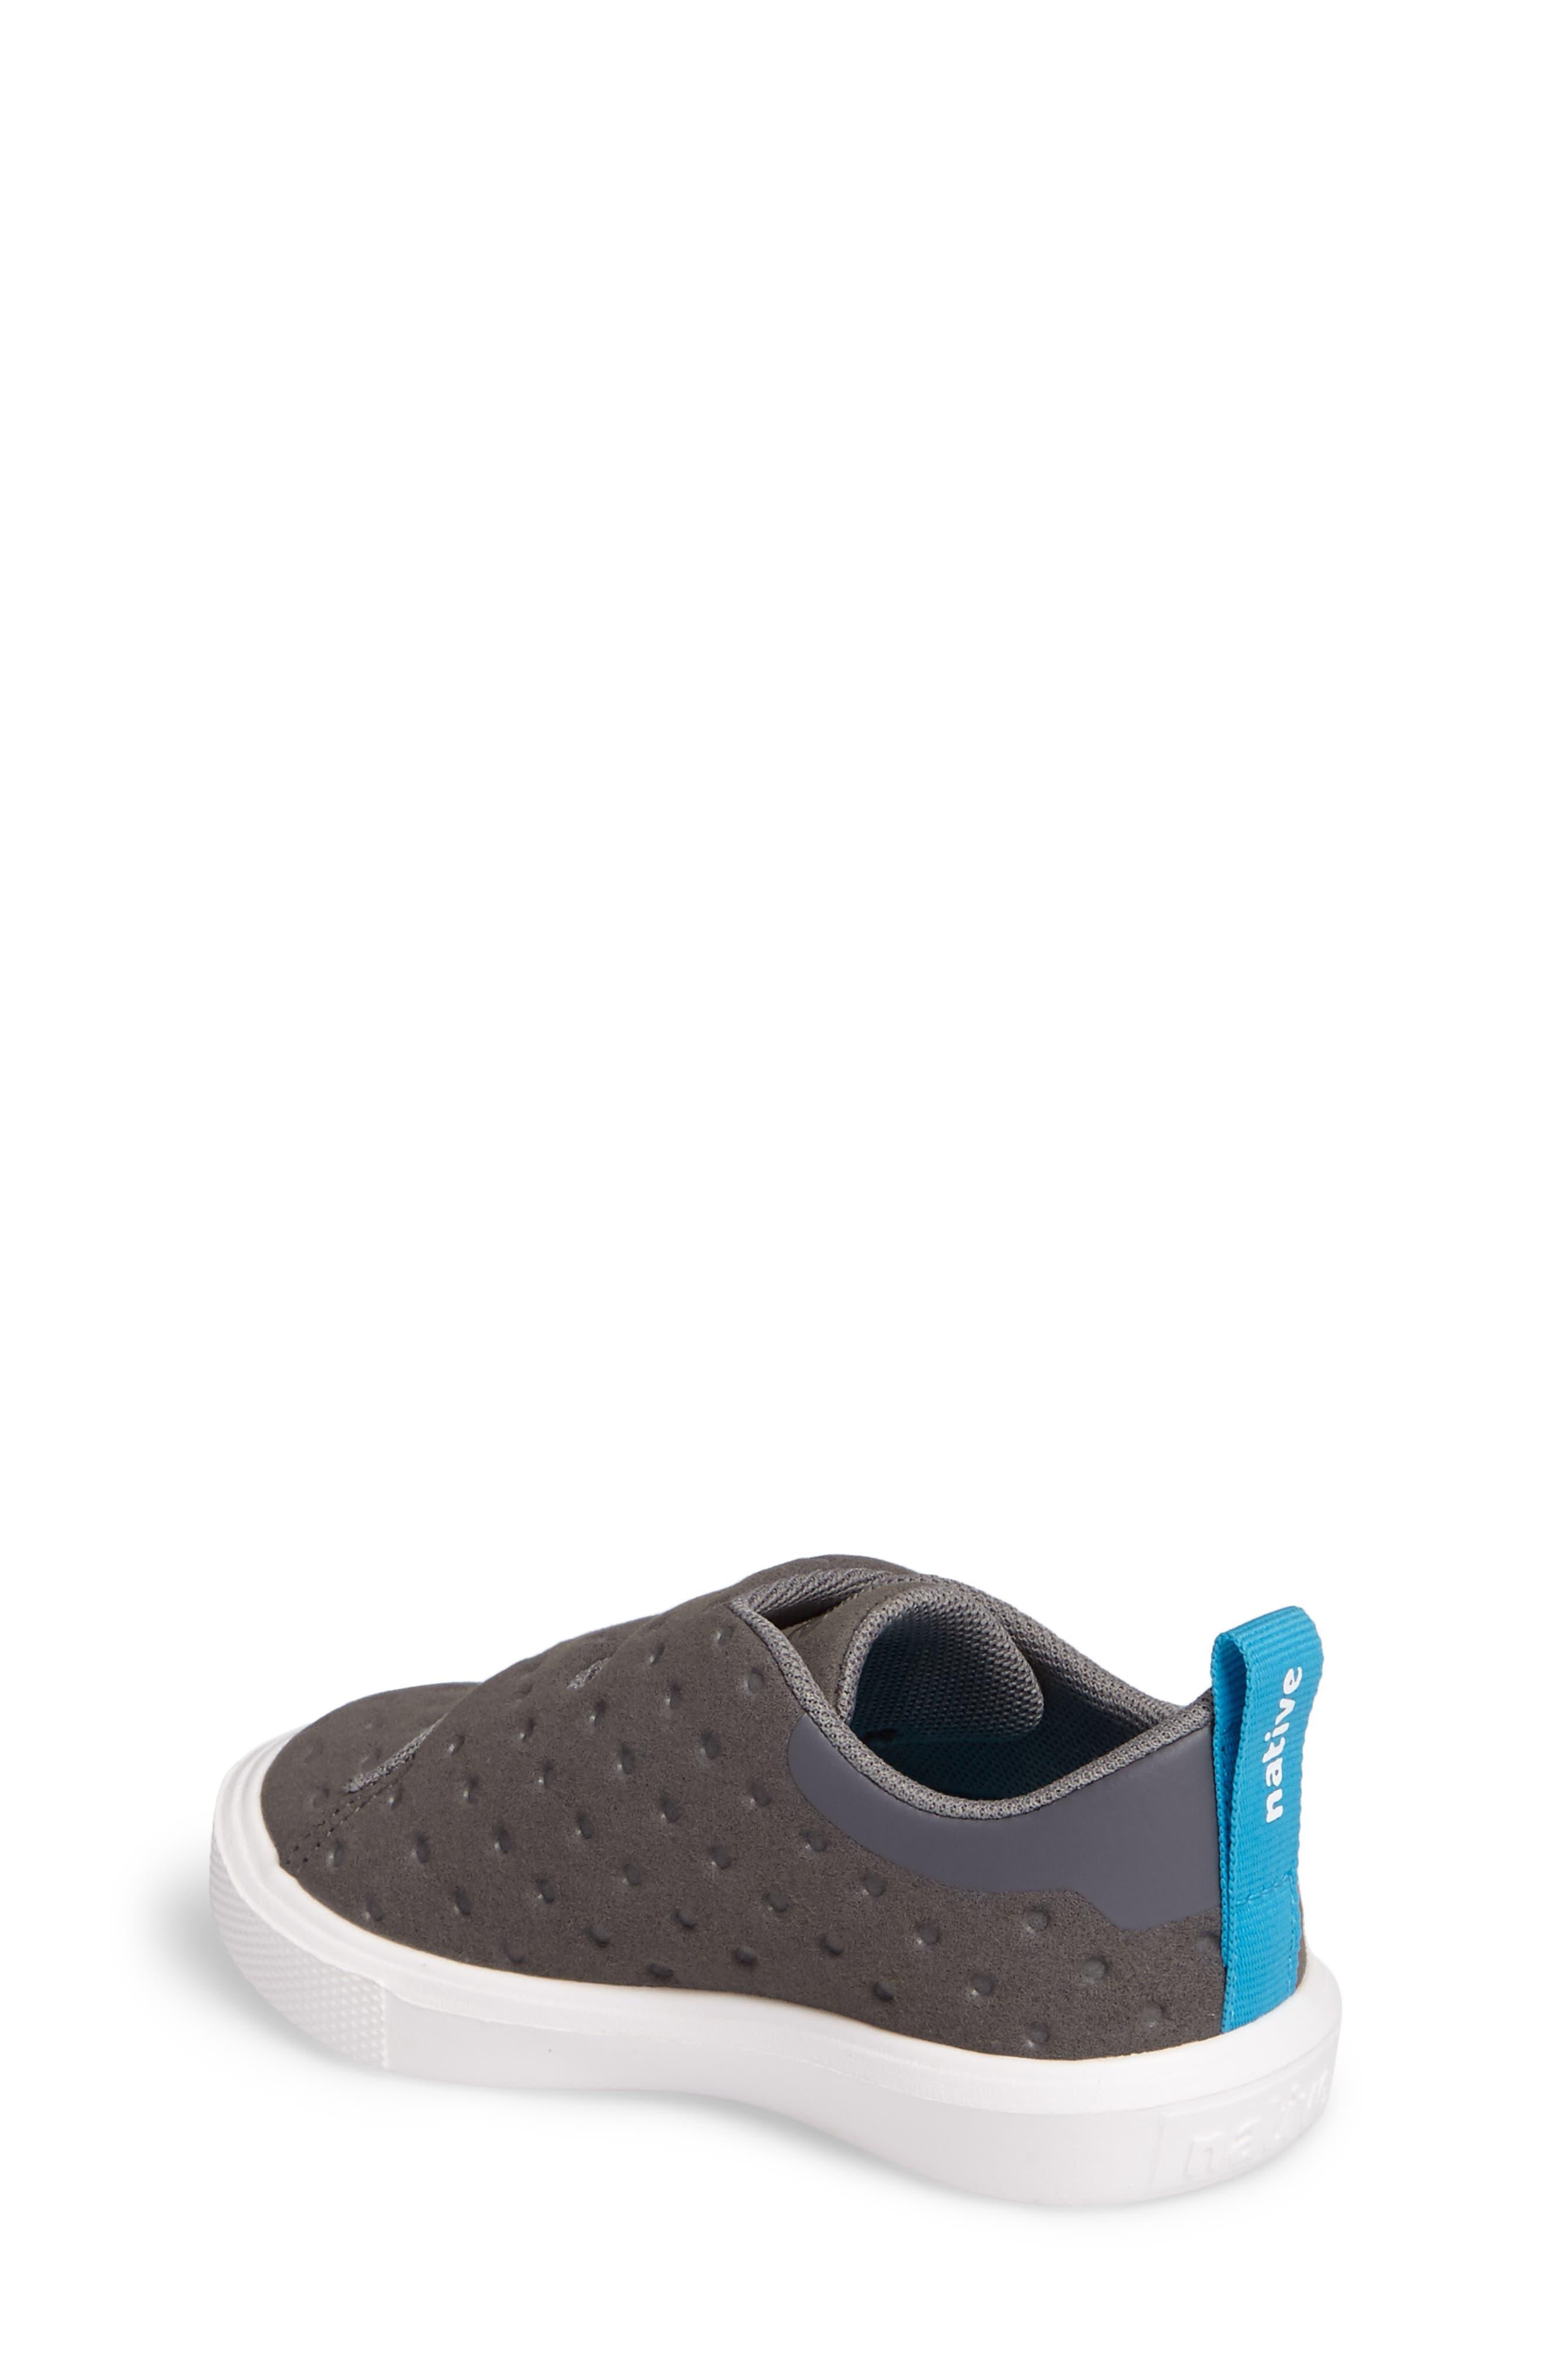 Monaco Sneaker,                             Alternate thumbnail 2, color,                             Dublin Grey/ Shell White